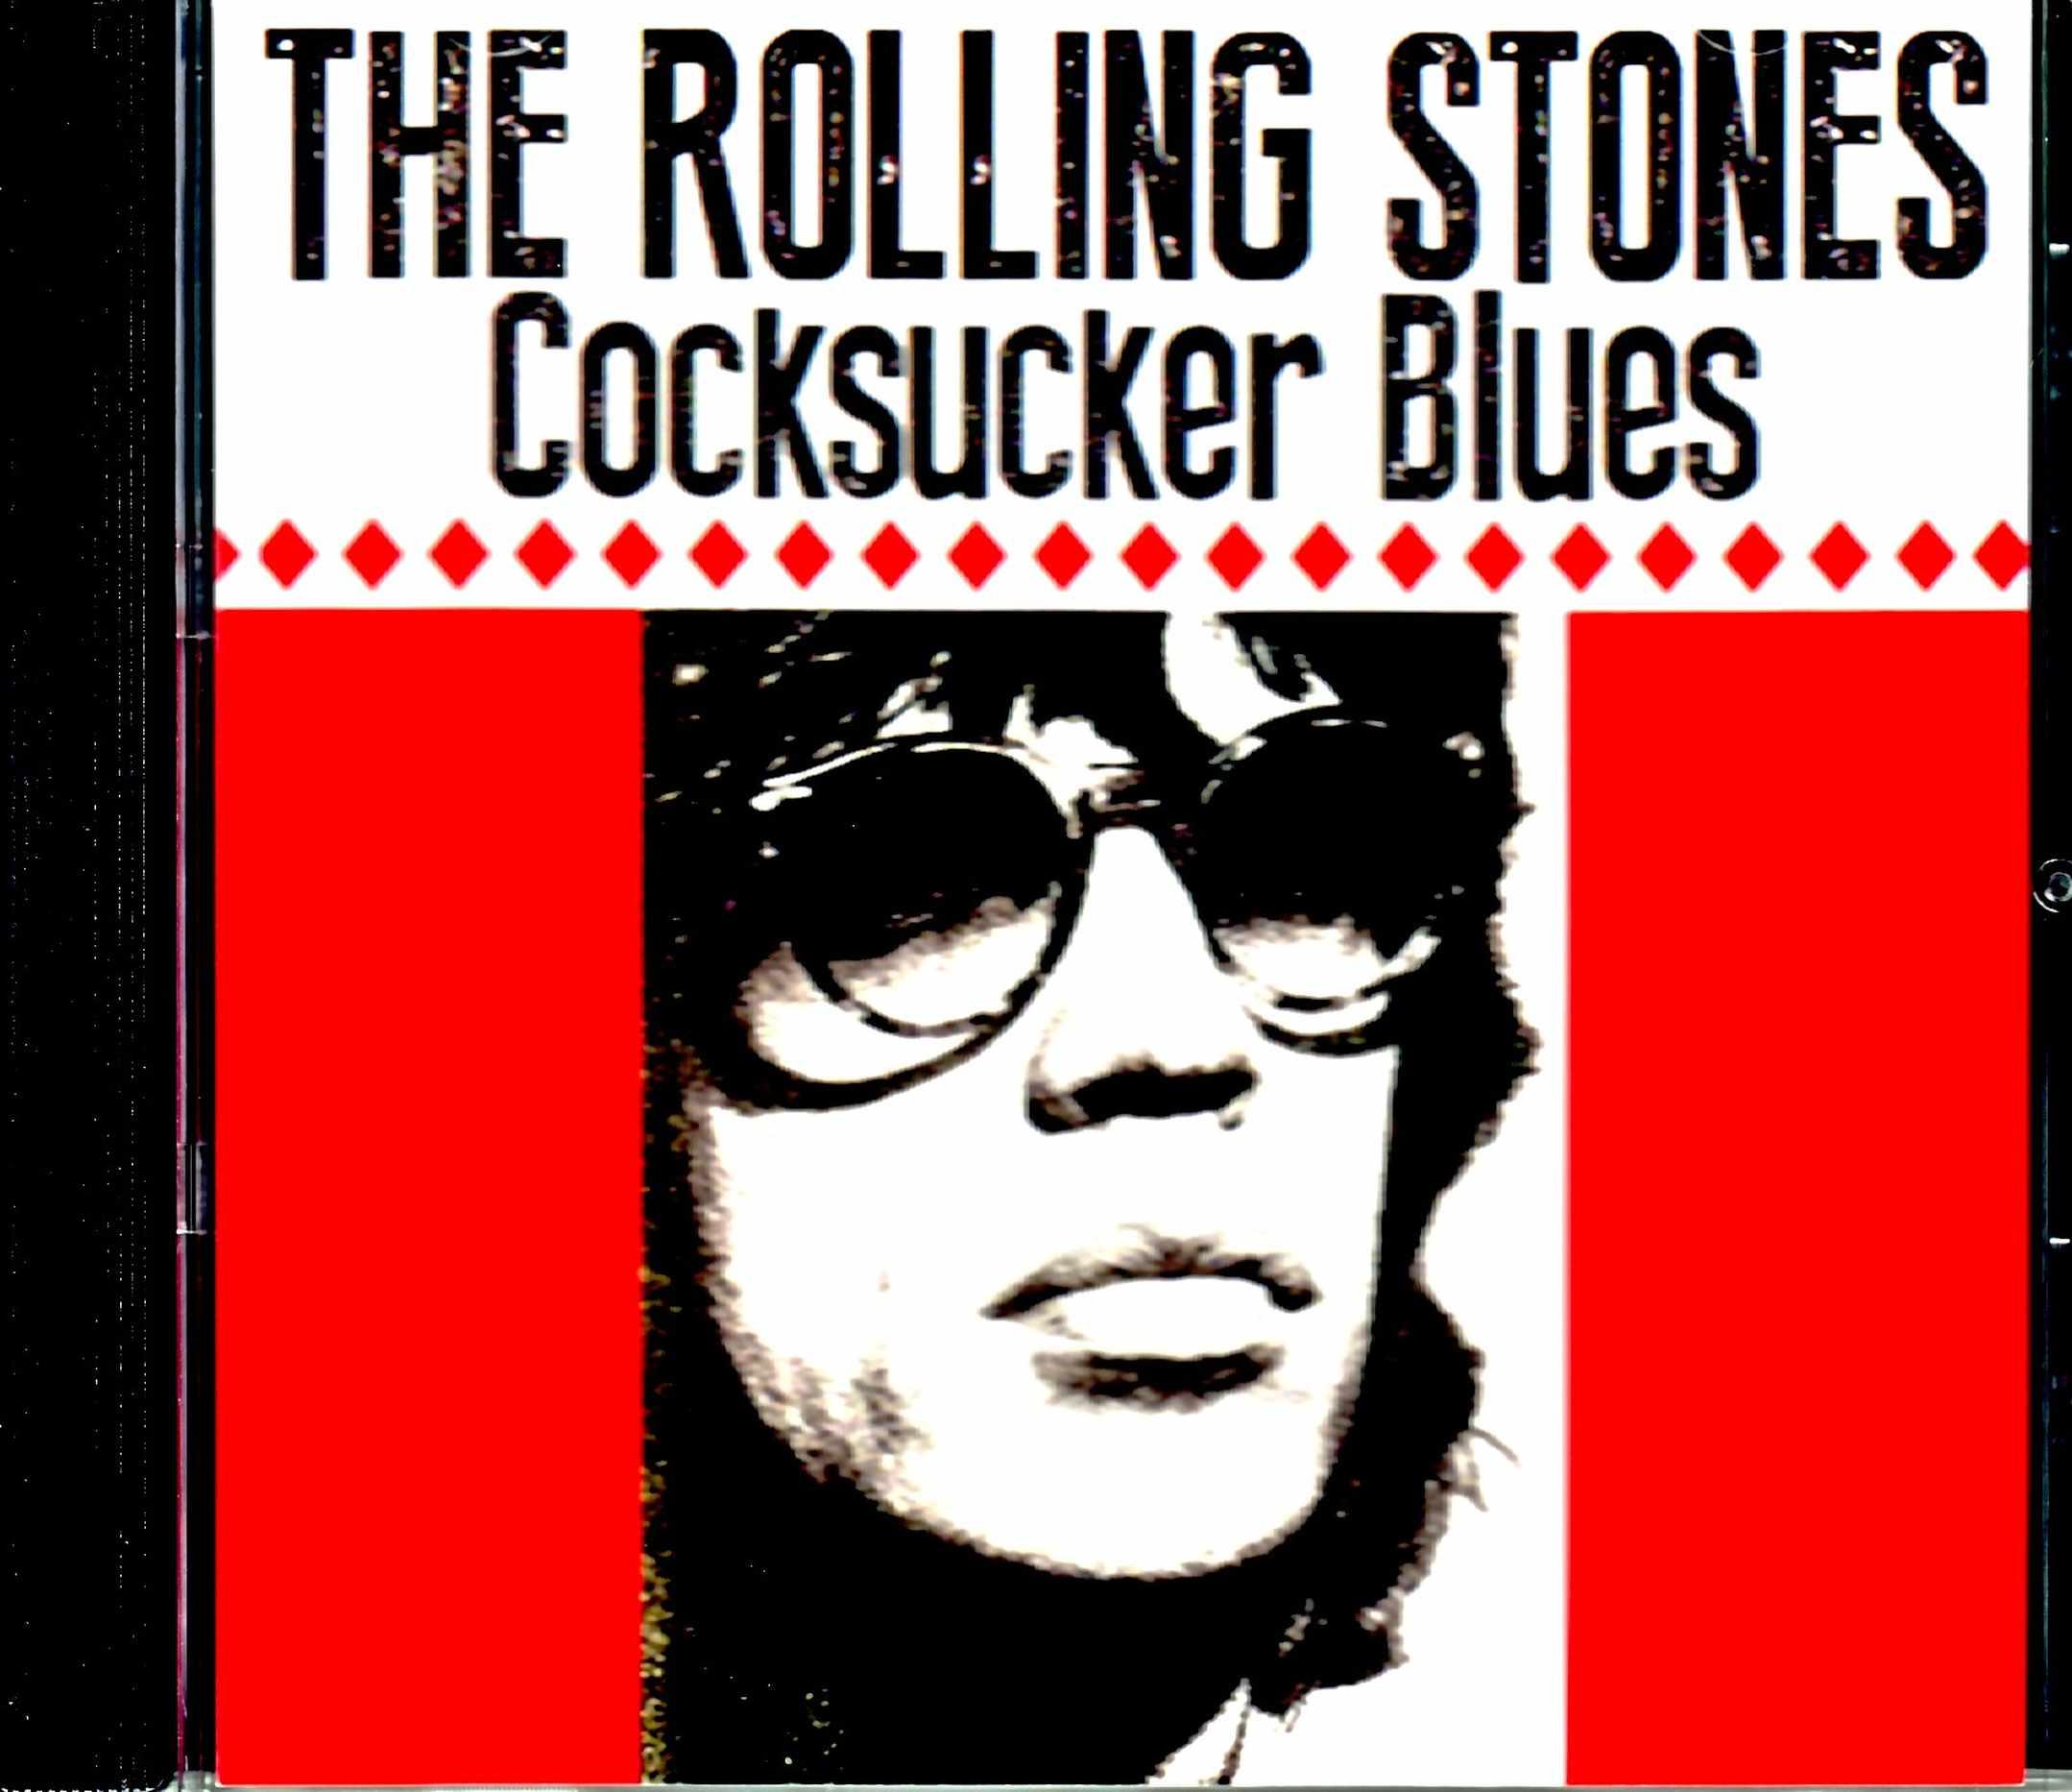 Rolling Stones ローリング・ストーンズ/Alternate & Unreleased Songs 1968-1970